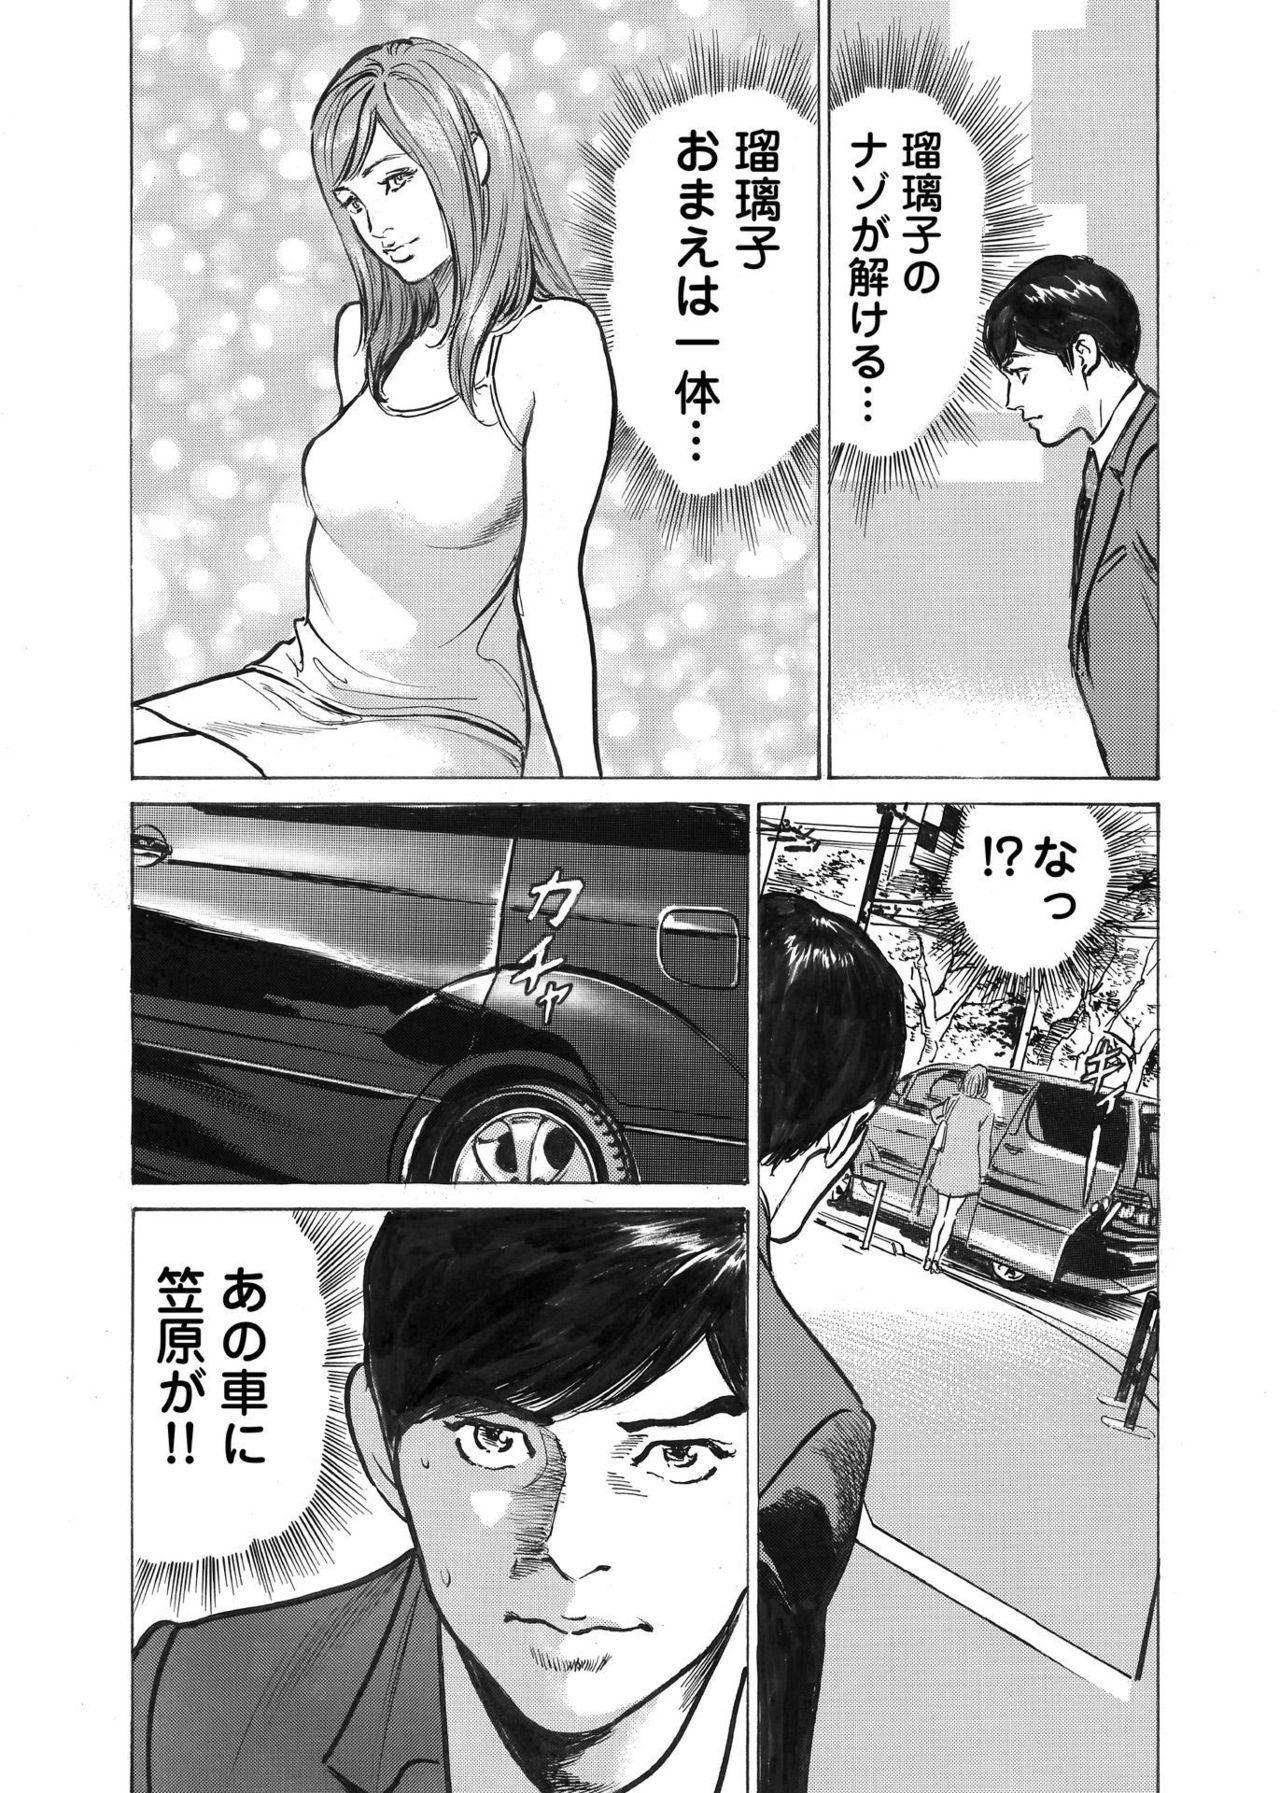 Ore wa Tsuma no Koto o Yoku Shiranai 1-9 118